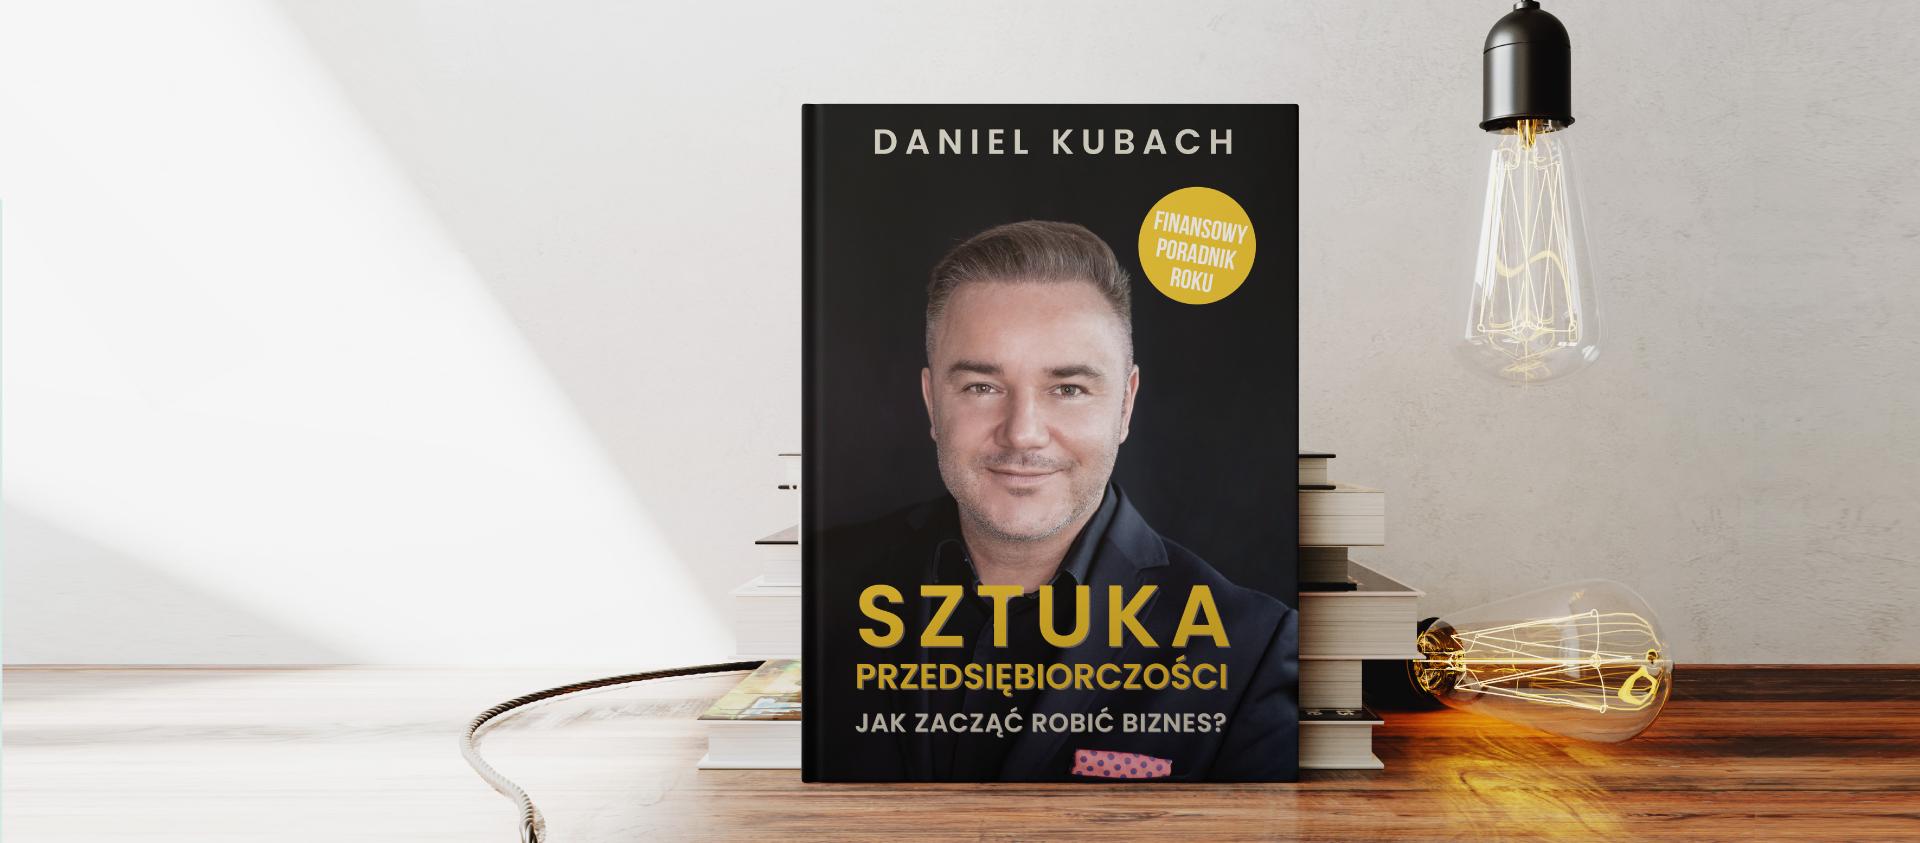 Sztuka Przedsiębiorczości Daniel Kubach Książka